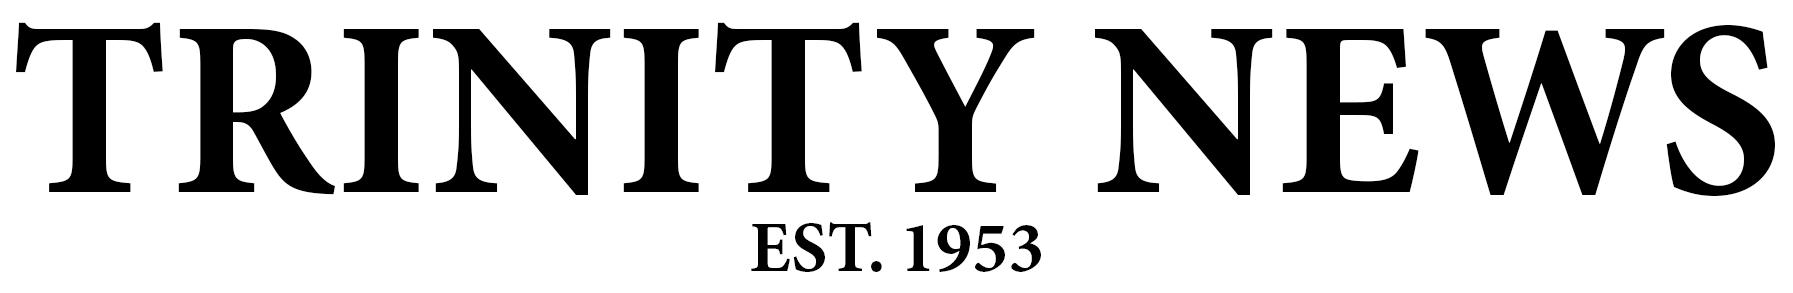 Home – Trinity News